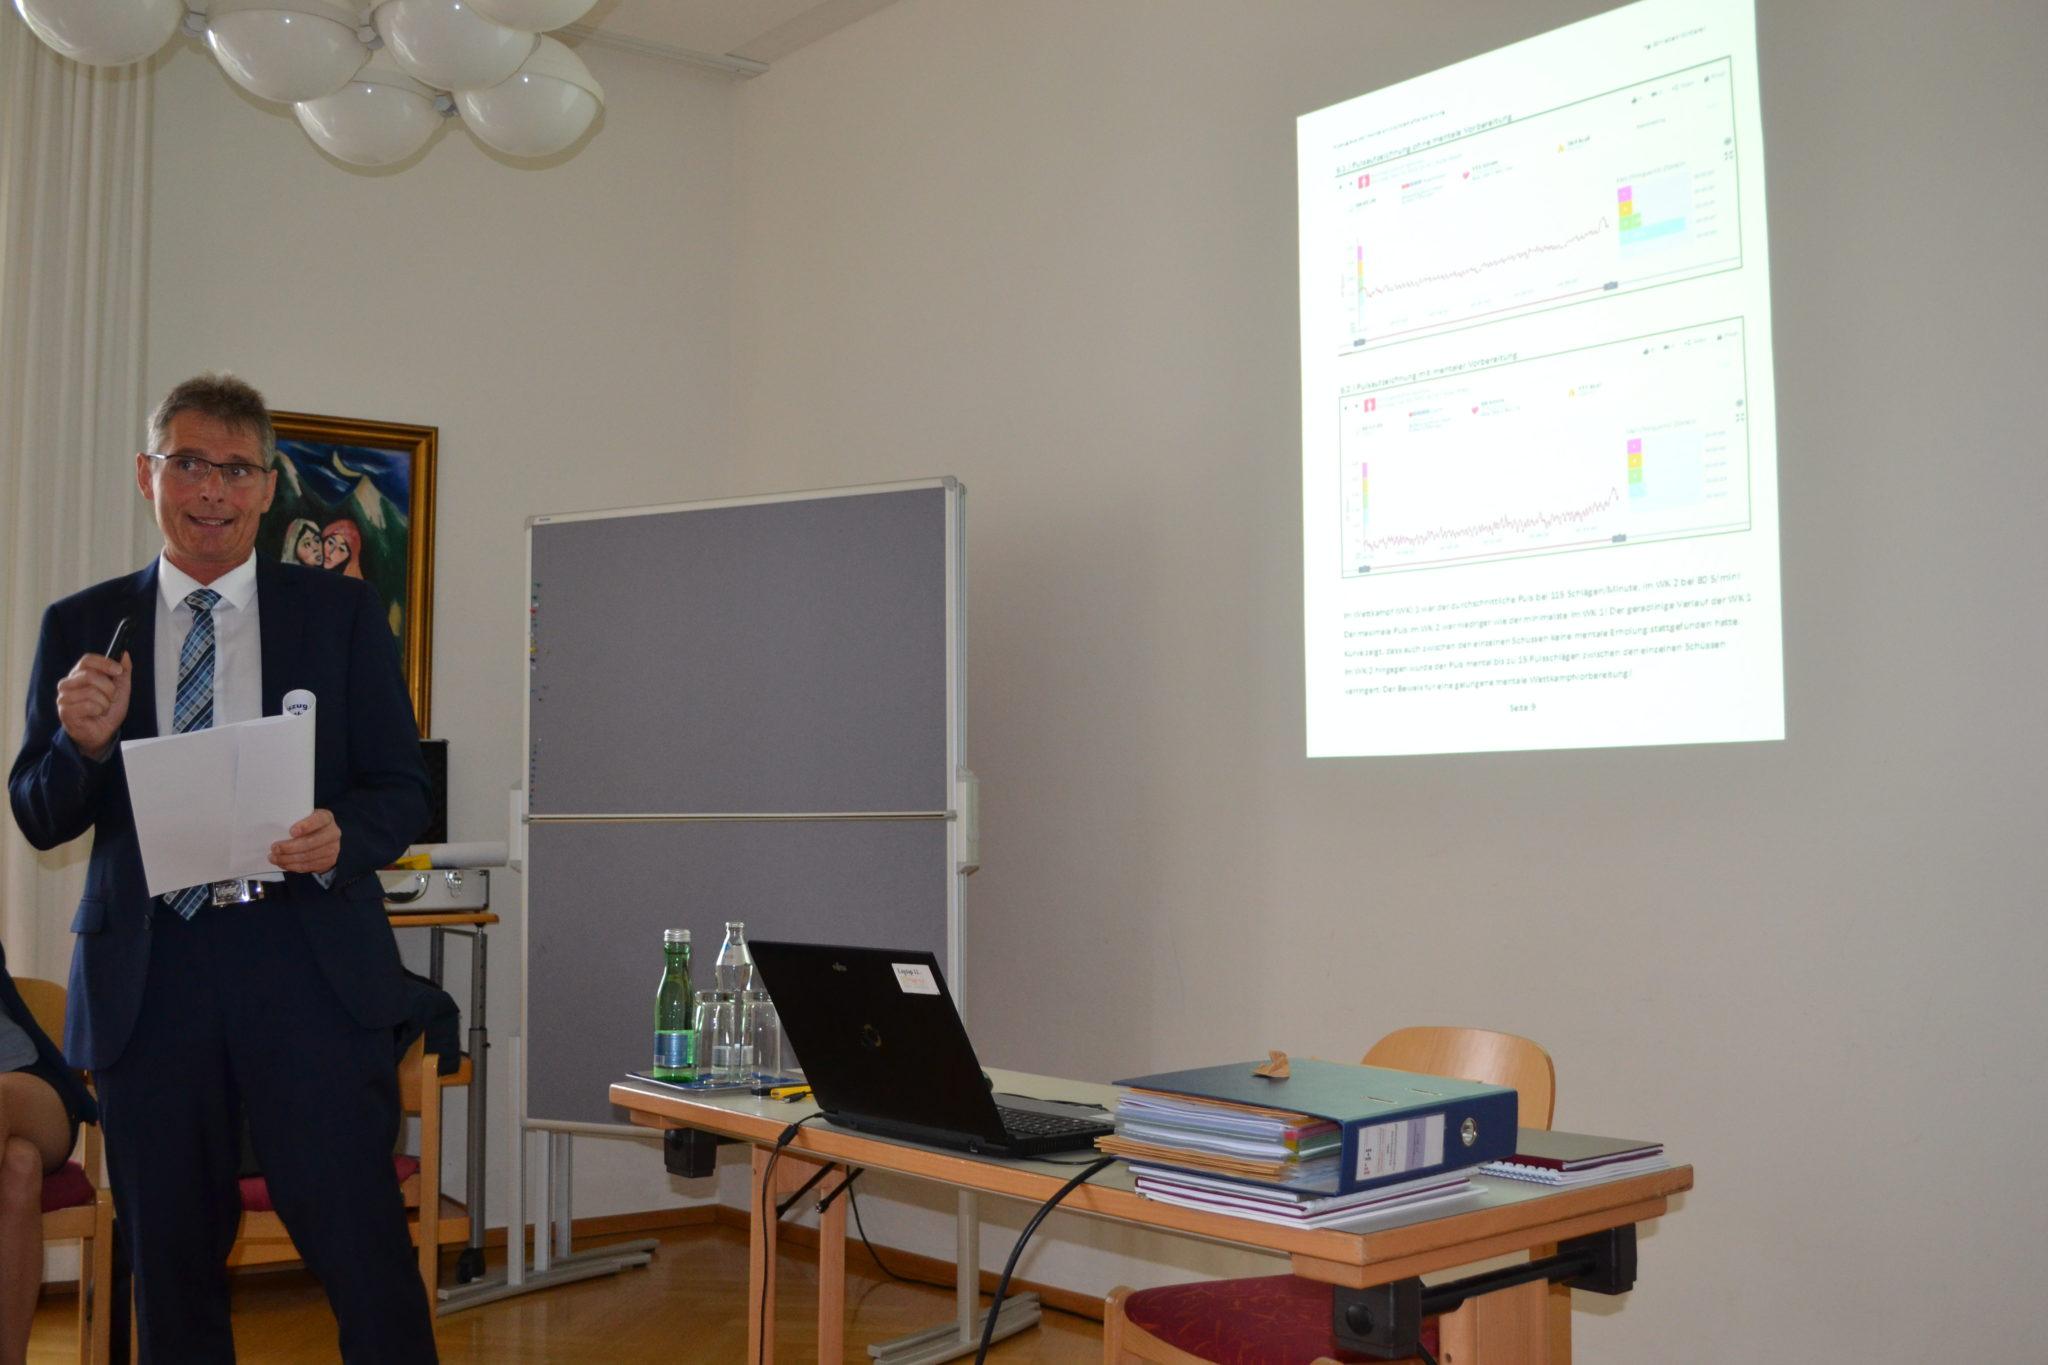 Mentale Stärke Österreich/Wien & Deutschland/Bayern Ing. Christian Winterer Dipl. LOGO Mentaltrainer - MENTALES TRAINING/COCHING - kognitiven Fähigkeiten, die Belastbarkeit, das Selbstbewusstsein, die mentale Stärke